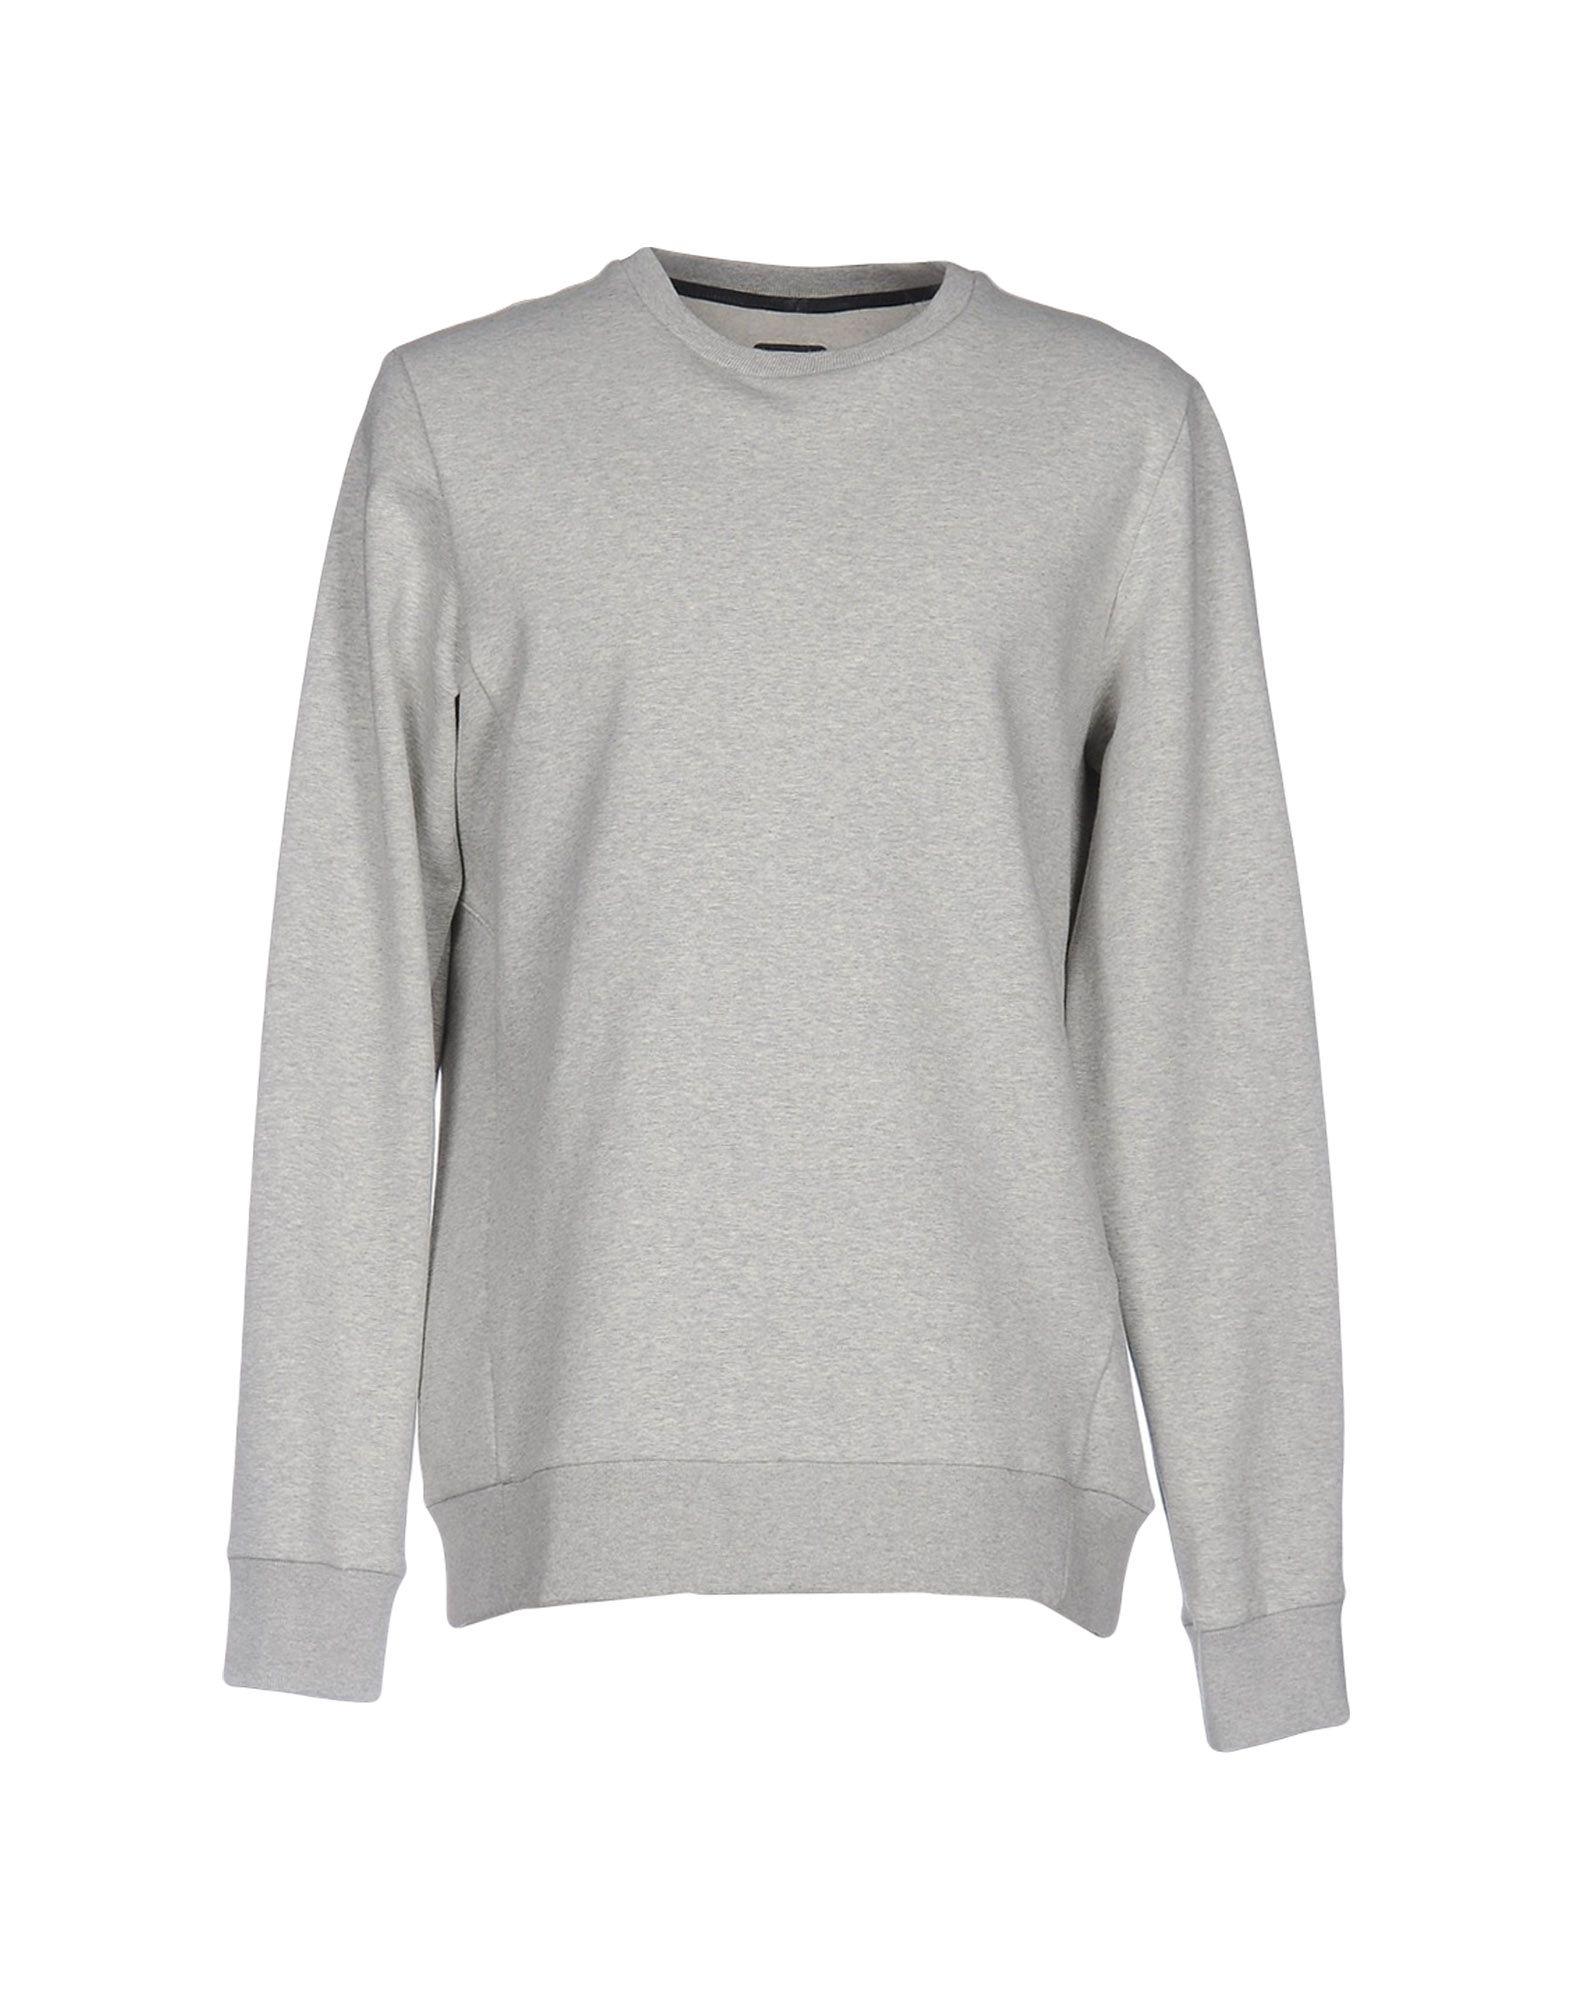 Nike Sweatshirts